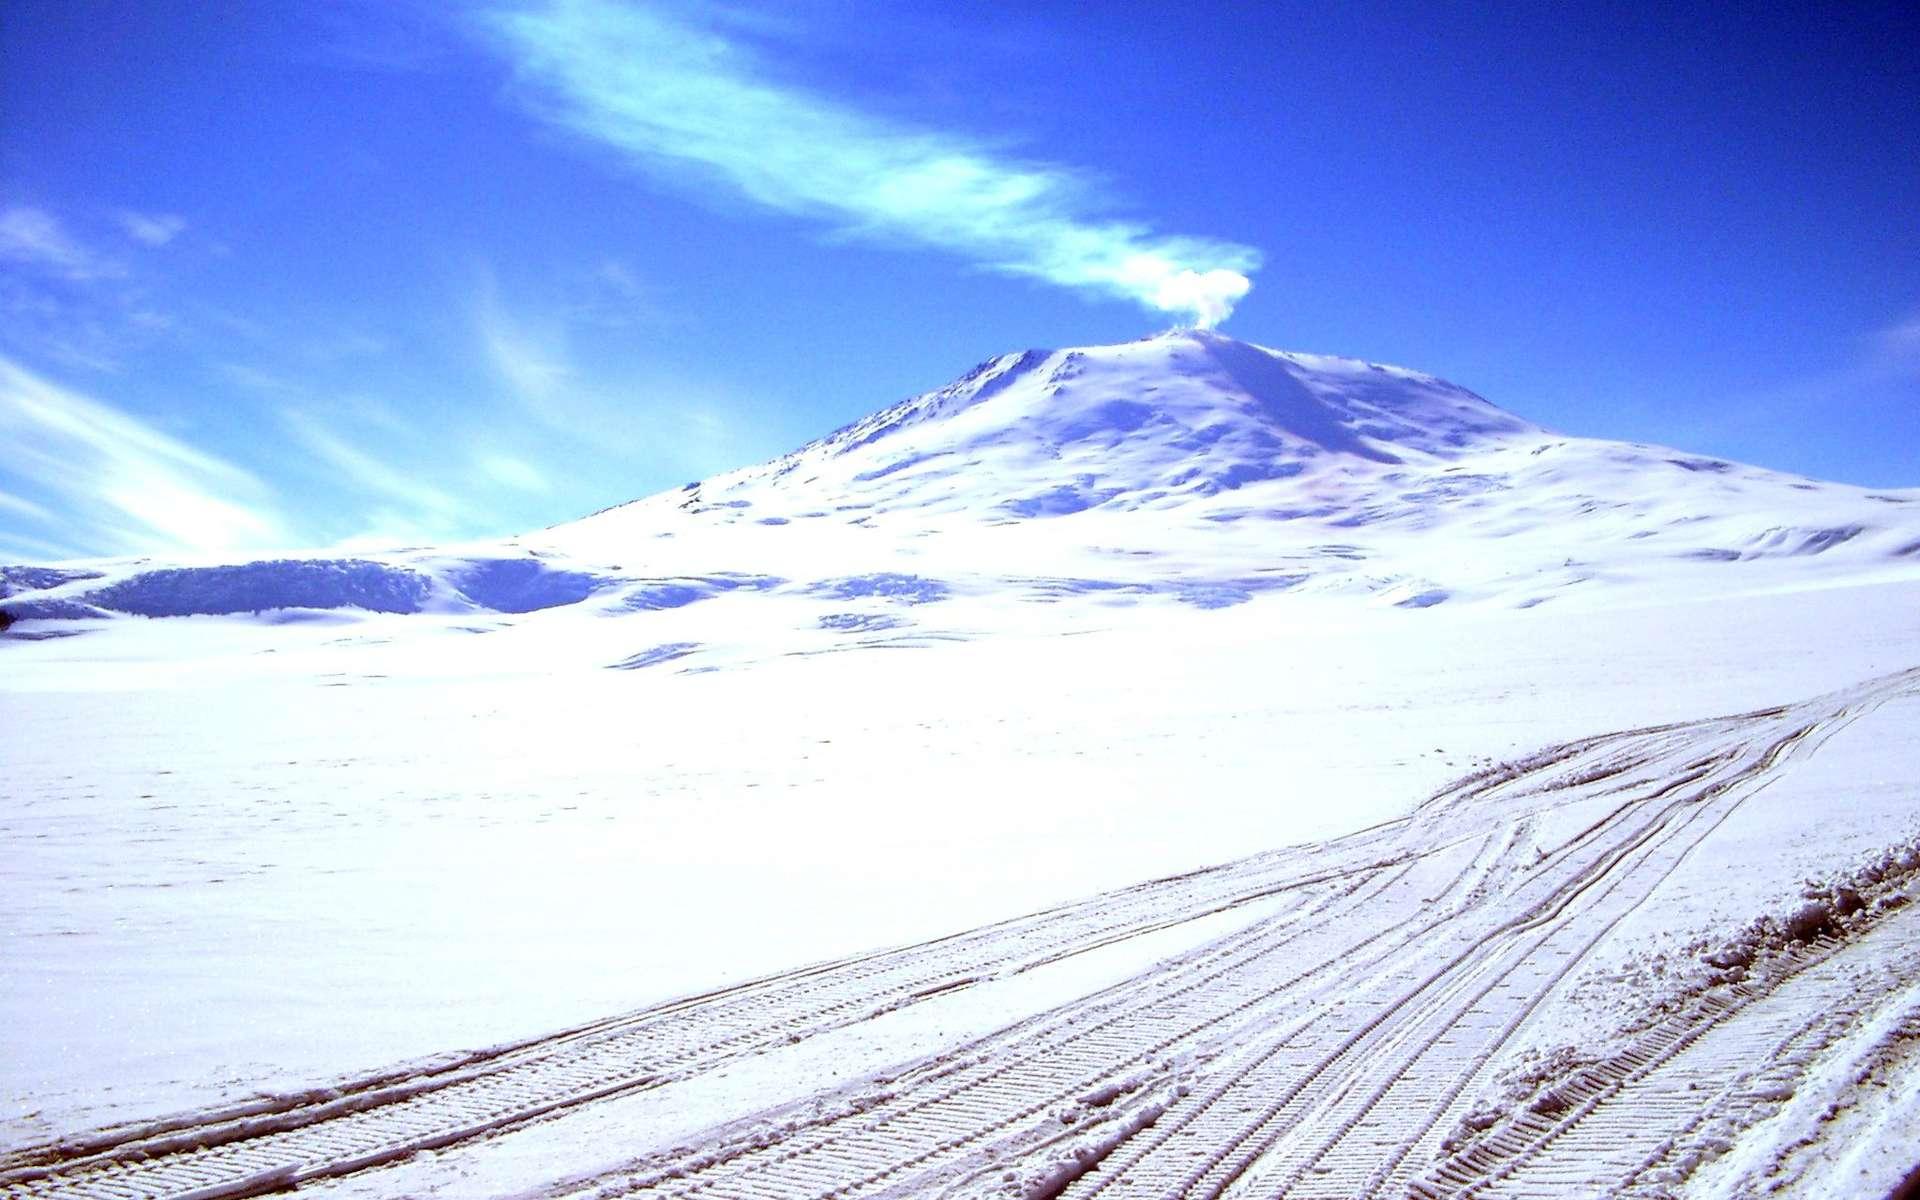 Le mont Erebus est un volcan encore actif de l'Antarctique, situé sur l'île de Ross, dans la mer du même nom. Il y a longtemps, un de ses frères, le mont Takahé, a peut-être accéléré le réchauffement global de la planète. © es0teric, Flickr, CC by-nc-sa 3.0